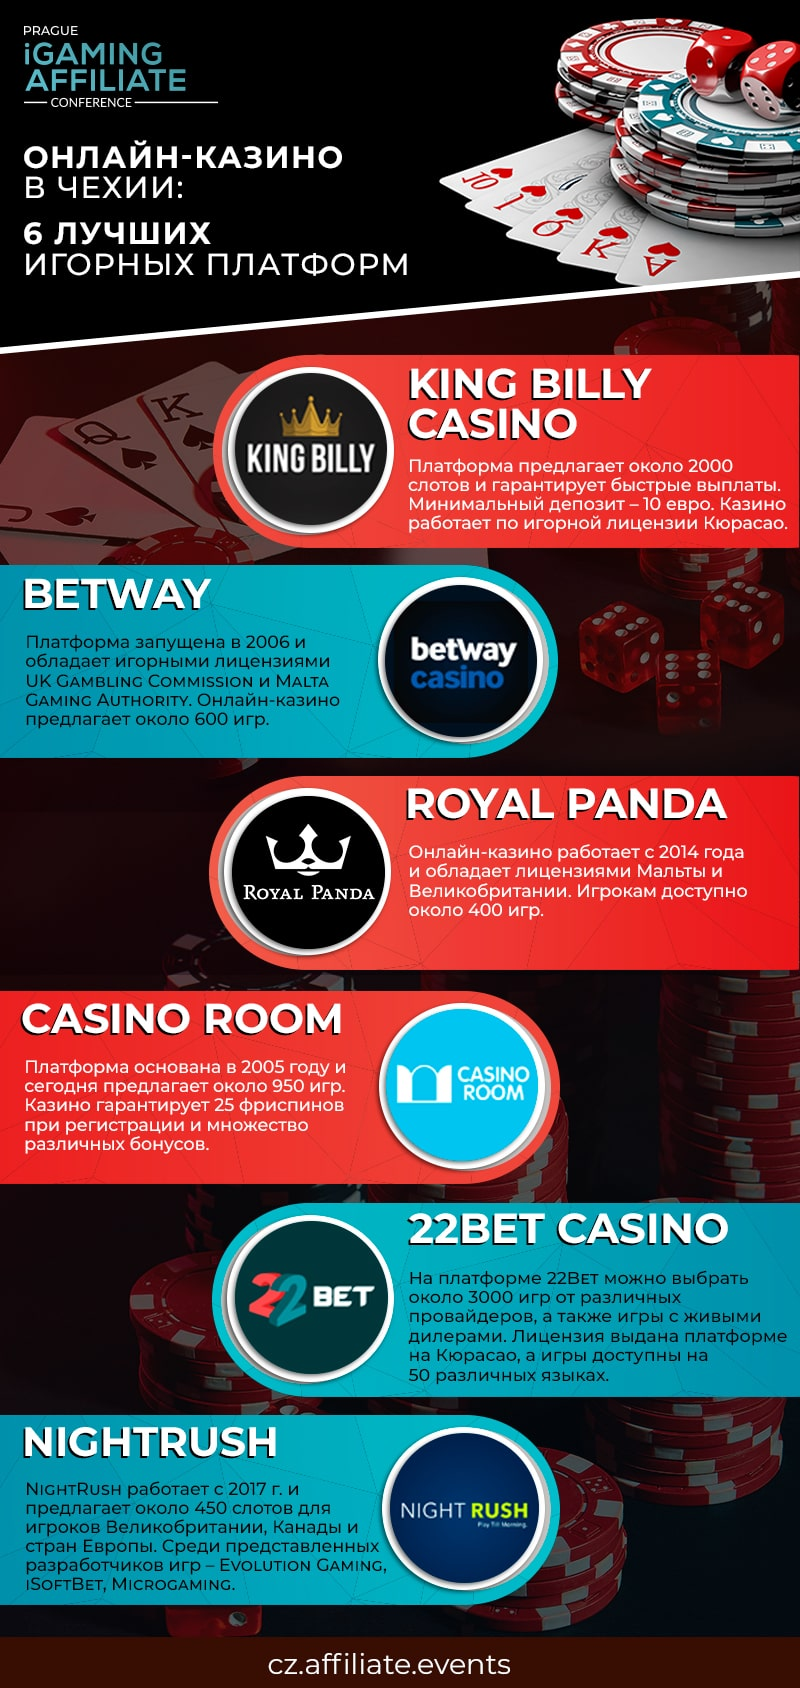 Лучшие онлайн-казино в Чехии: подборка игорных платформ